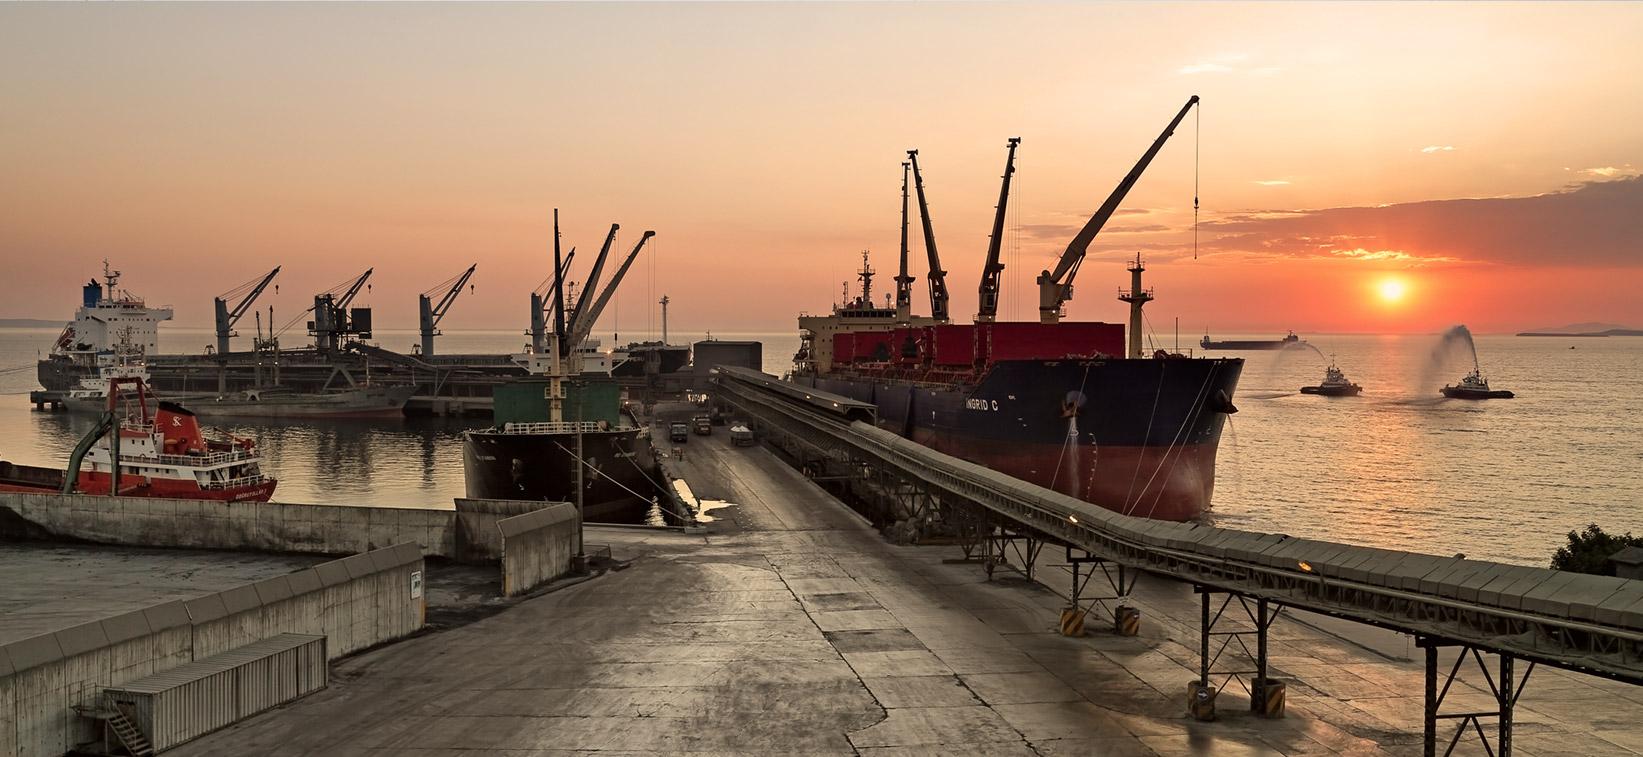 Akçansa ve liman hizlemtleri, akcansa ihracat, çimento ihracatı, Akçansaport